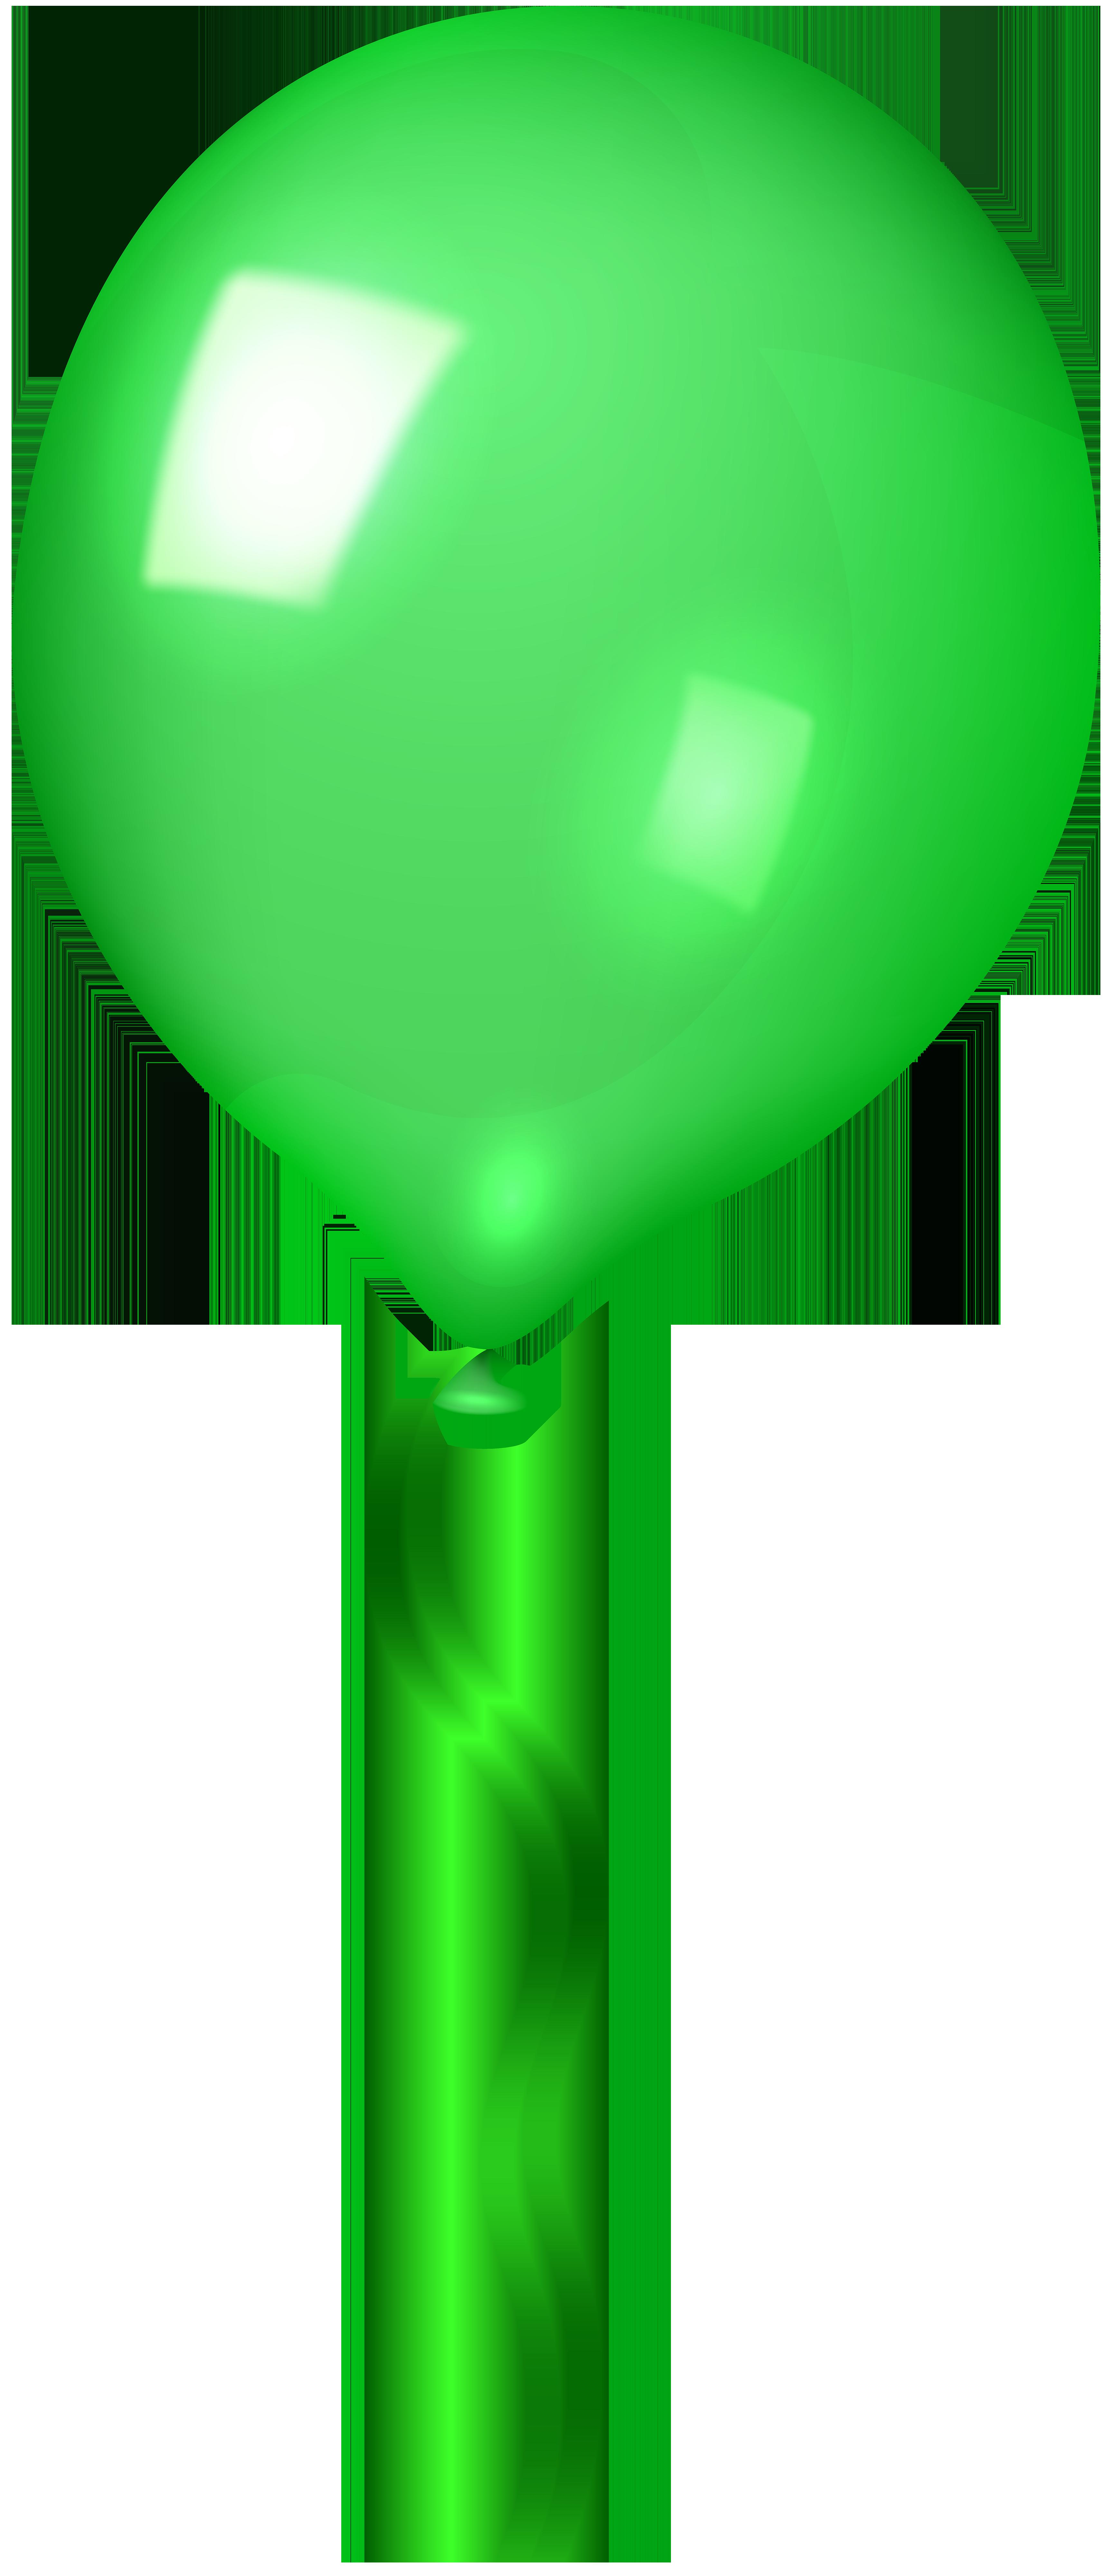 Green Balloon Clip Art Image.